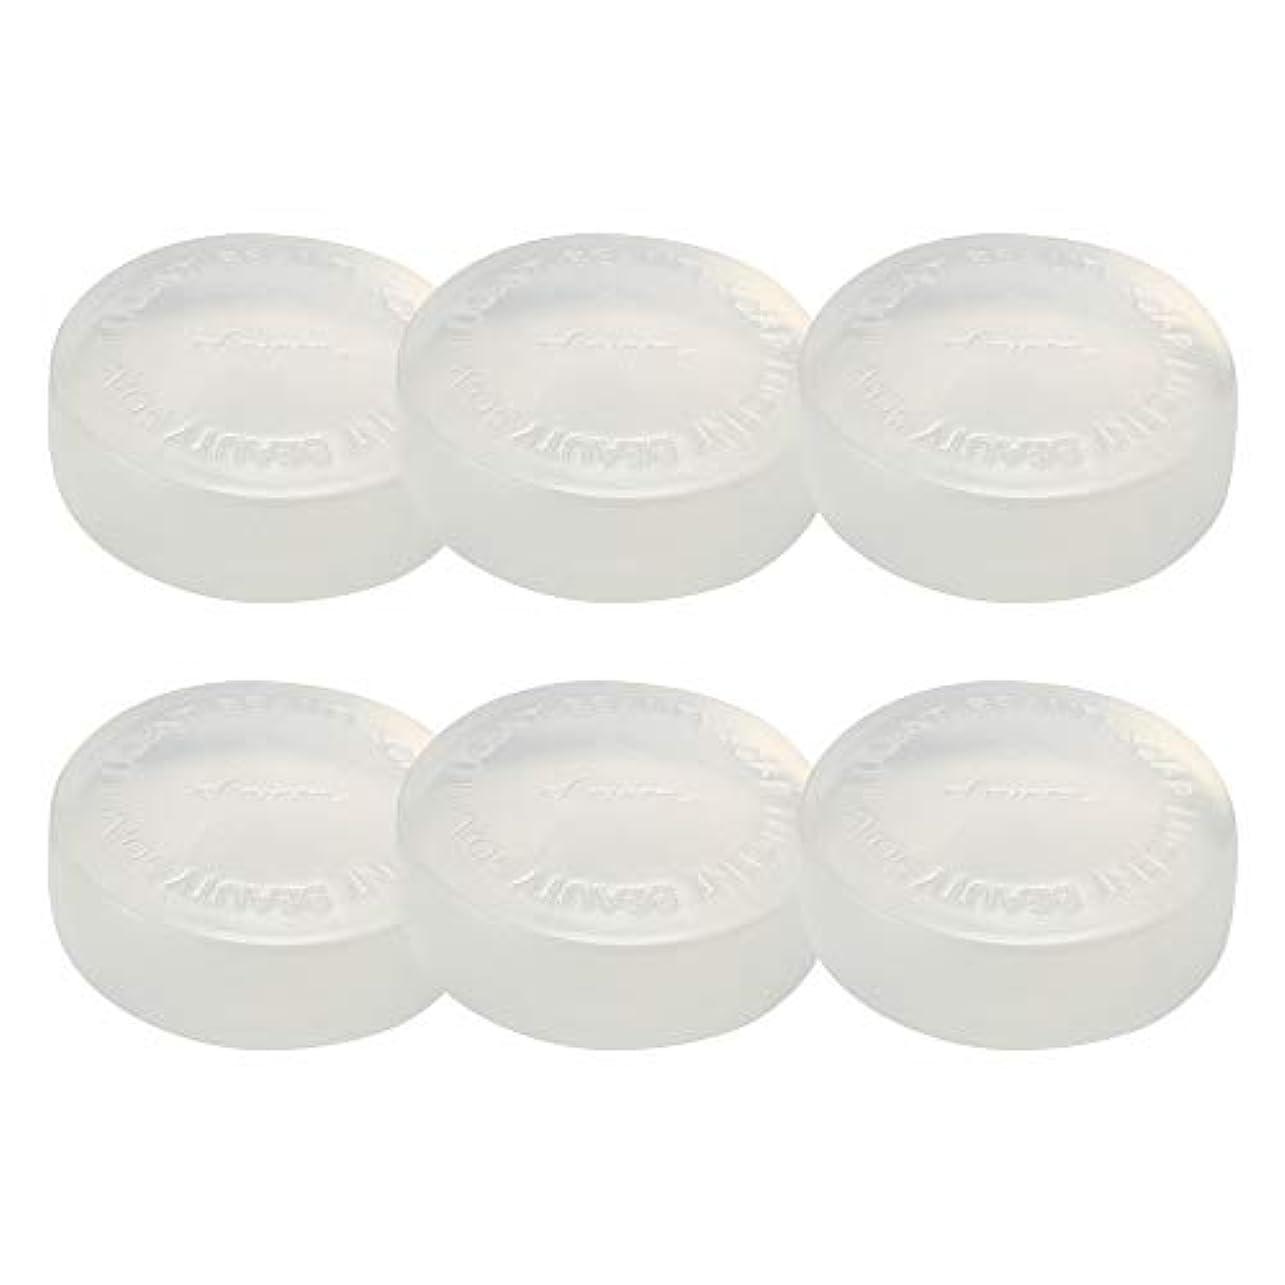 自発的月面細胞アミノン ルーセントビューティーソープ(酵母の石鹸) 100g (6個セット)